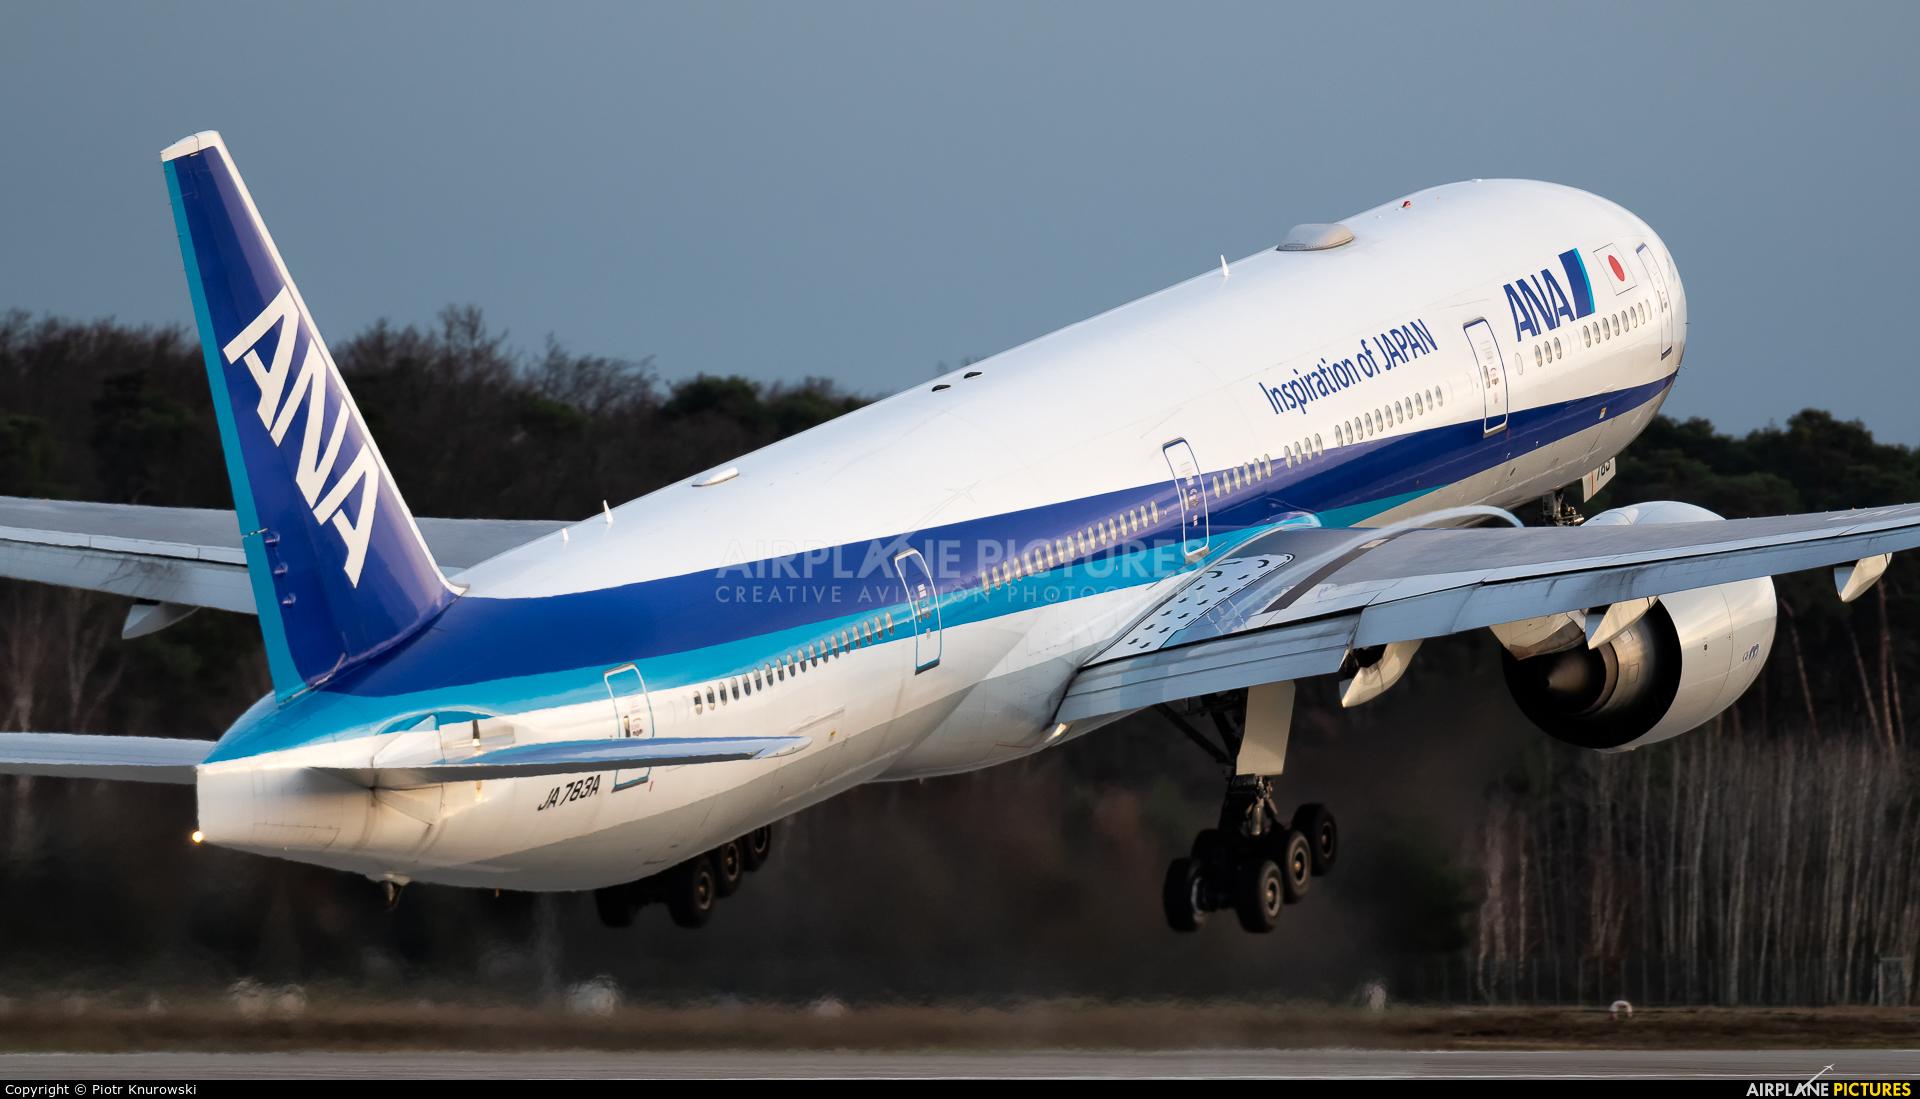 ANA - All Nippon Airways JA783A aircraft at Frankfurt